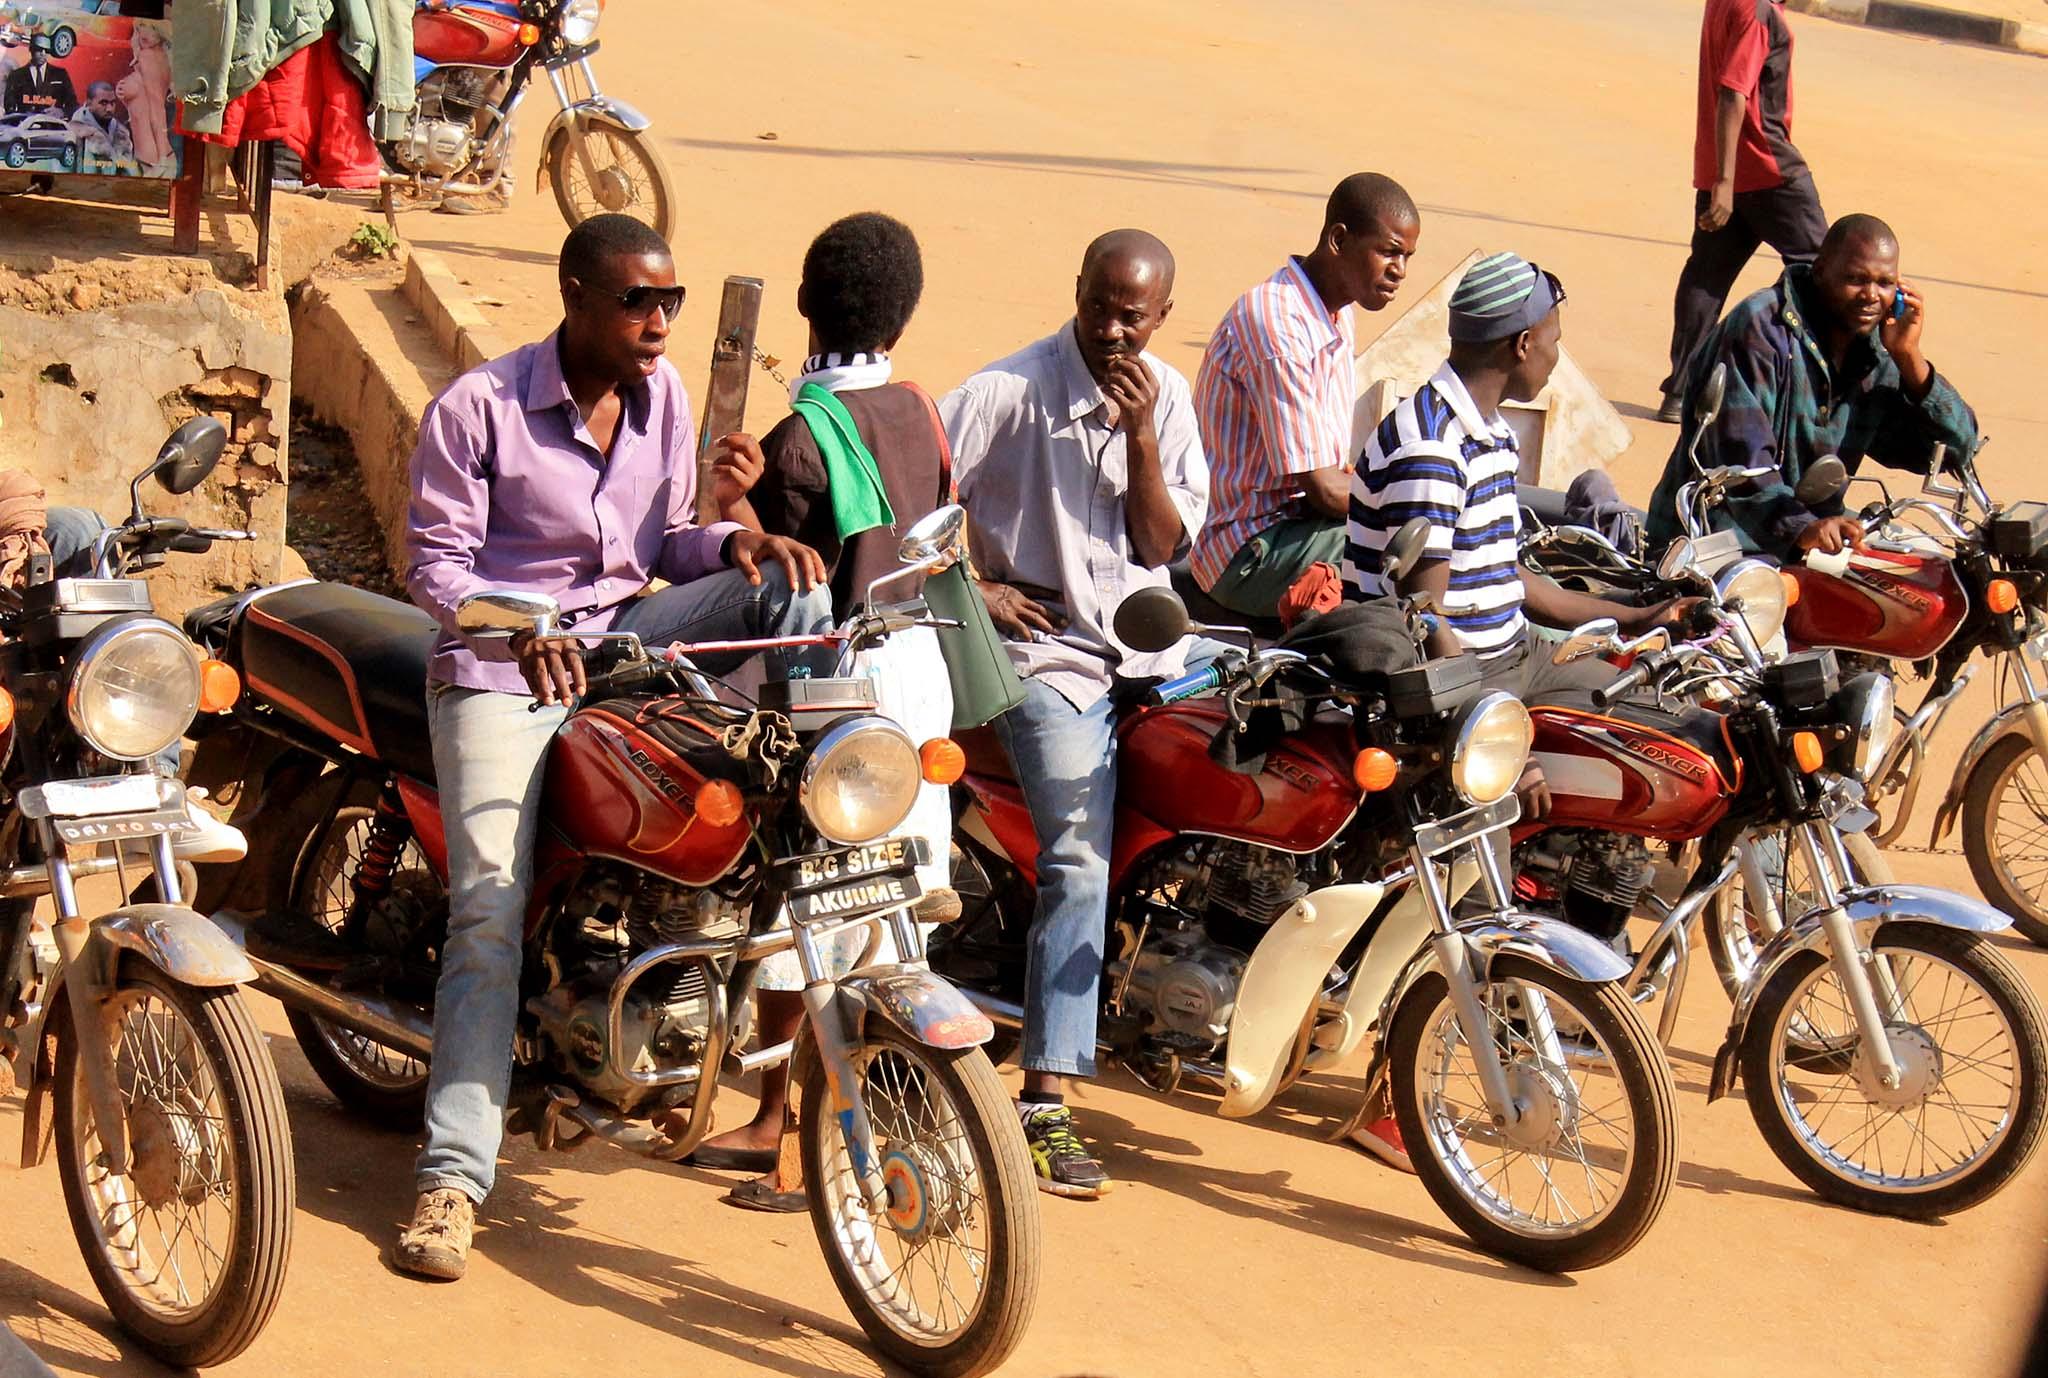 Boda Boda Business Ideas in Kenya